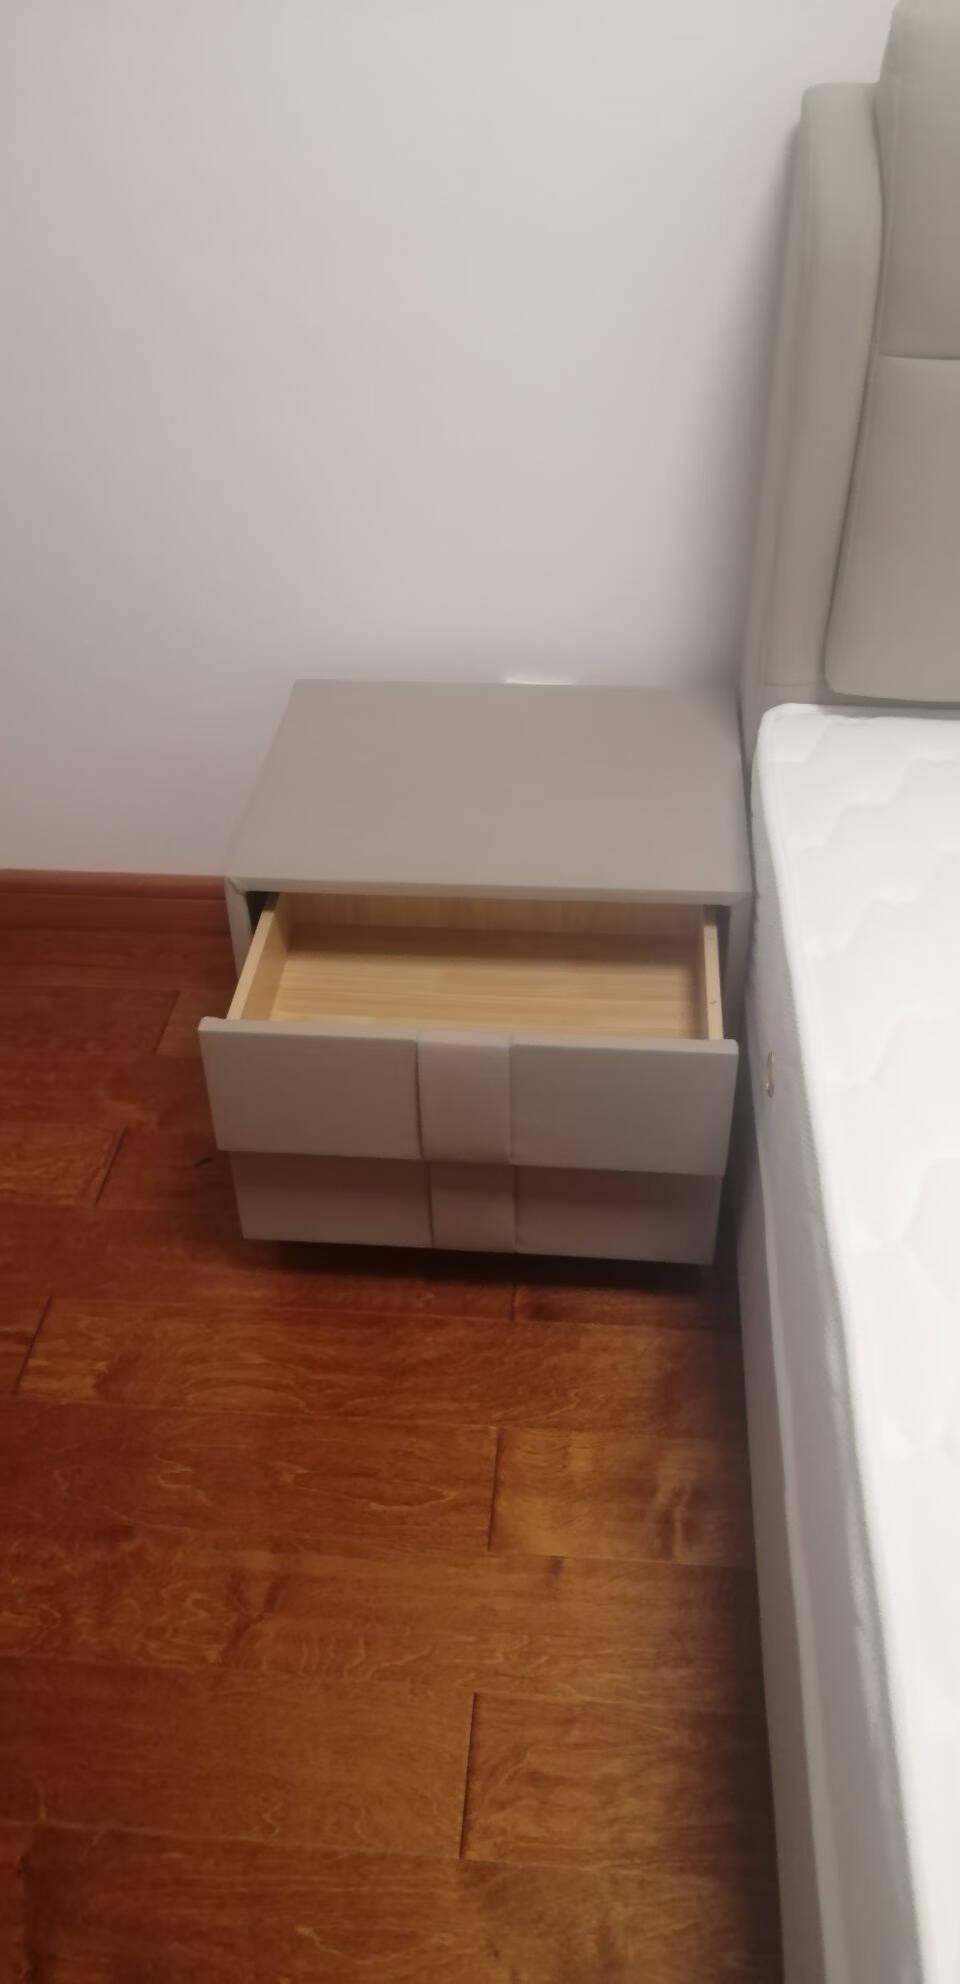 A家意式简约皮床真皮床科技布双人床现代简约1.8米轻奢婚床主卧软床家具DA01611.5架子床米黄(真皮)单床